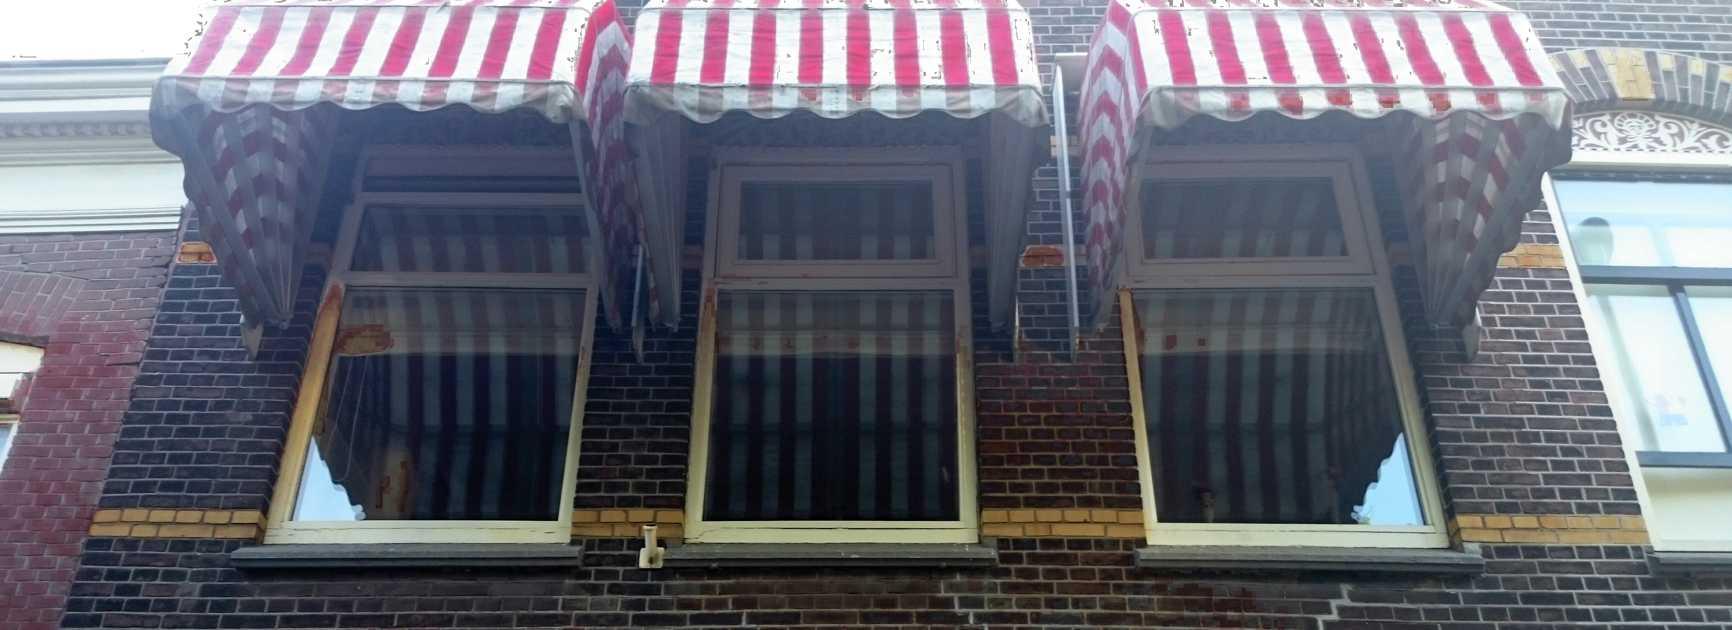 blekersingel-woning-eerste-verdieping-kamers-huren